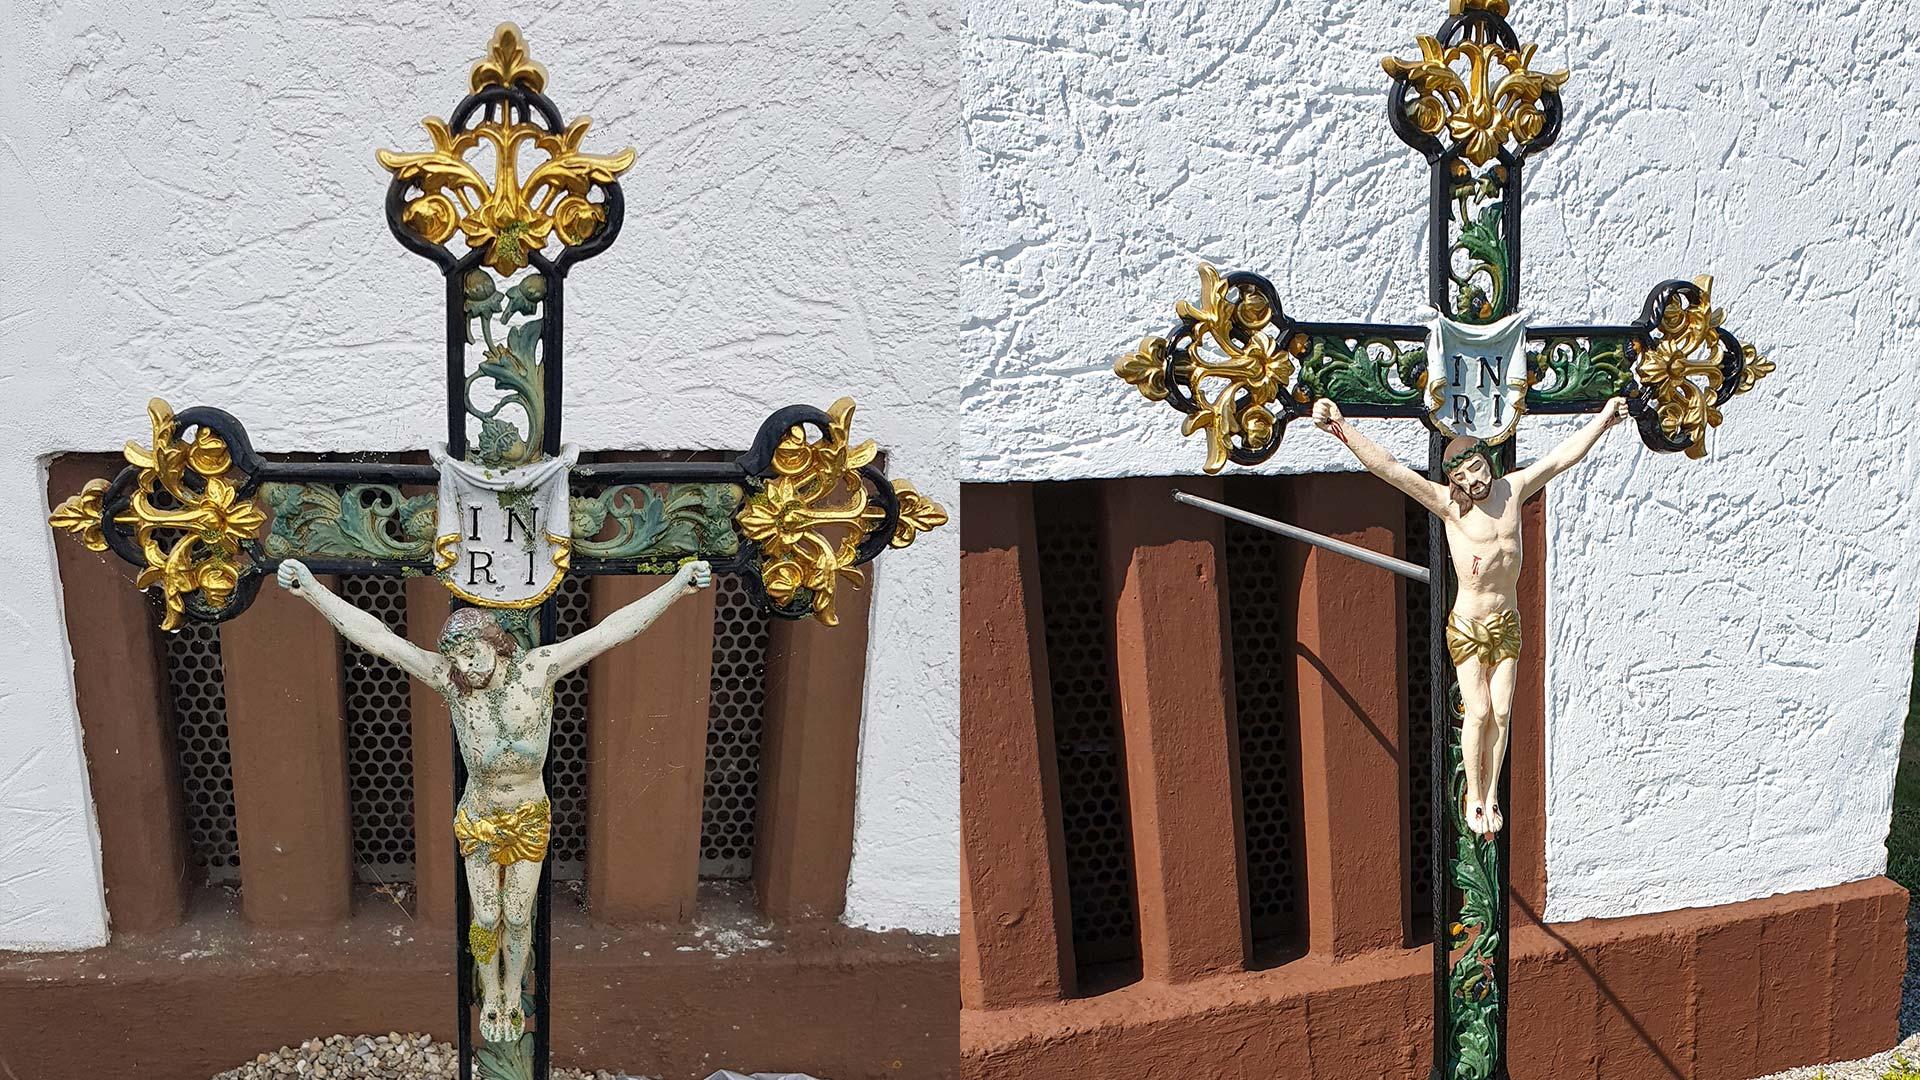 Restauration eines Jesuskreuzes